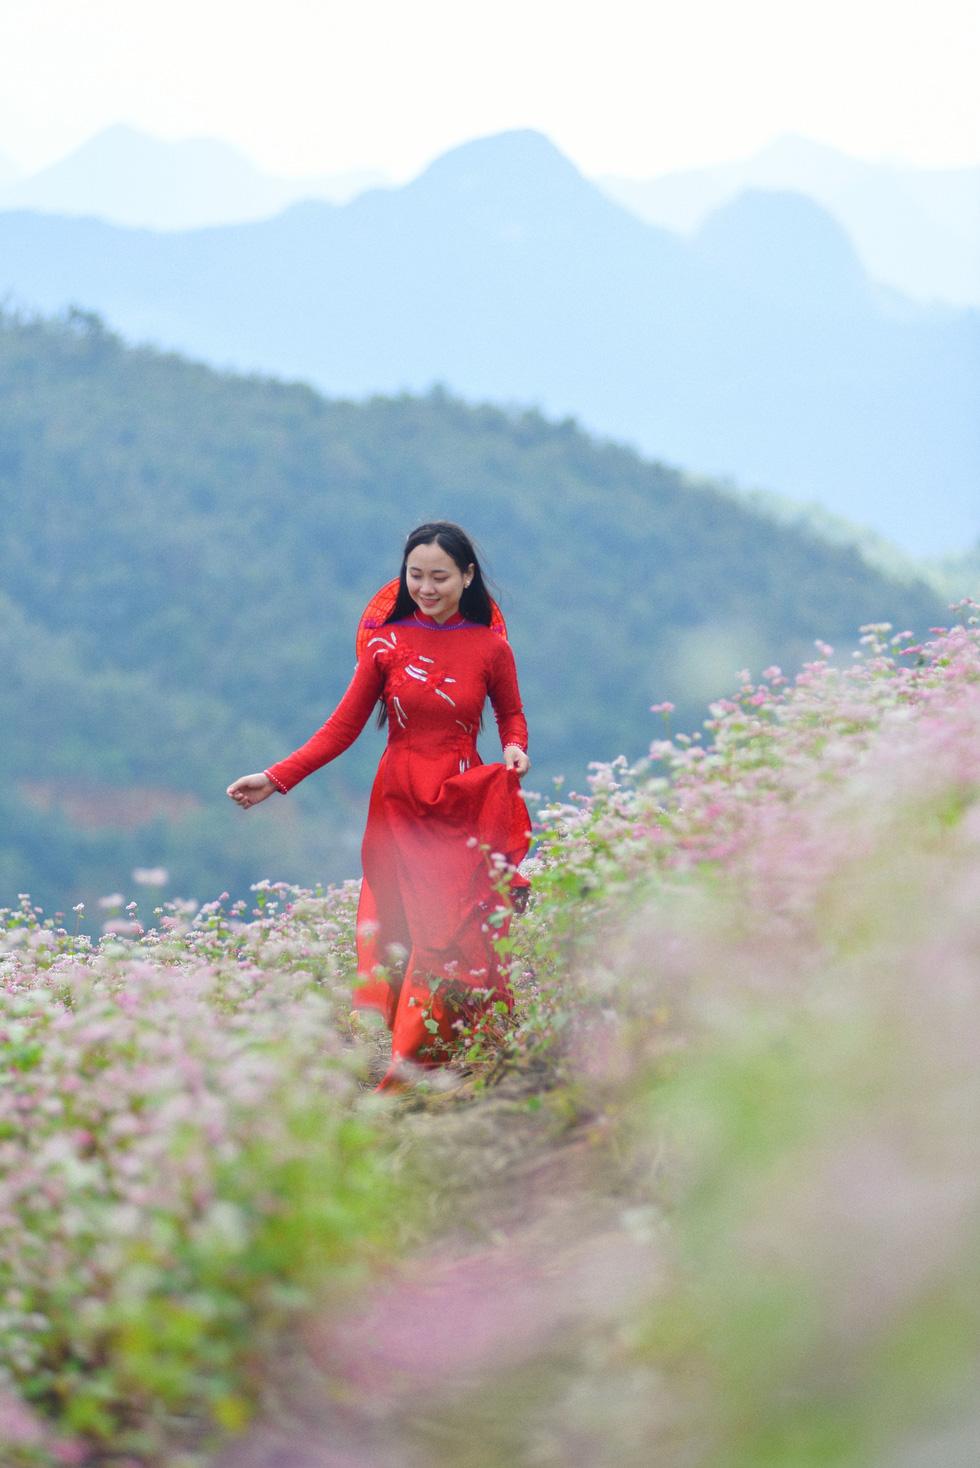 Cao nguyên đá Đồng Văn rực rỡ sắc hoa tam giác mạch - Ảnh 10.